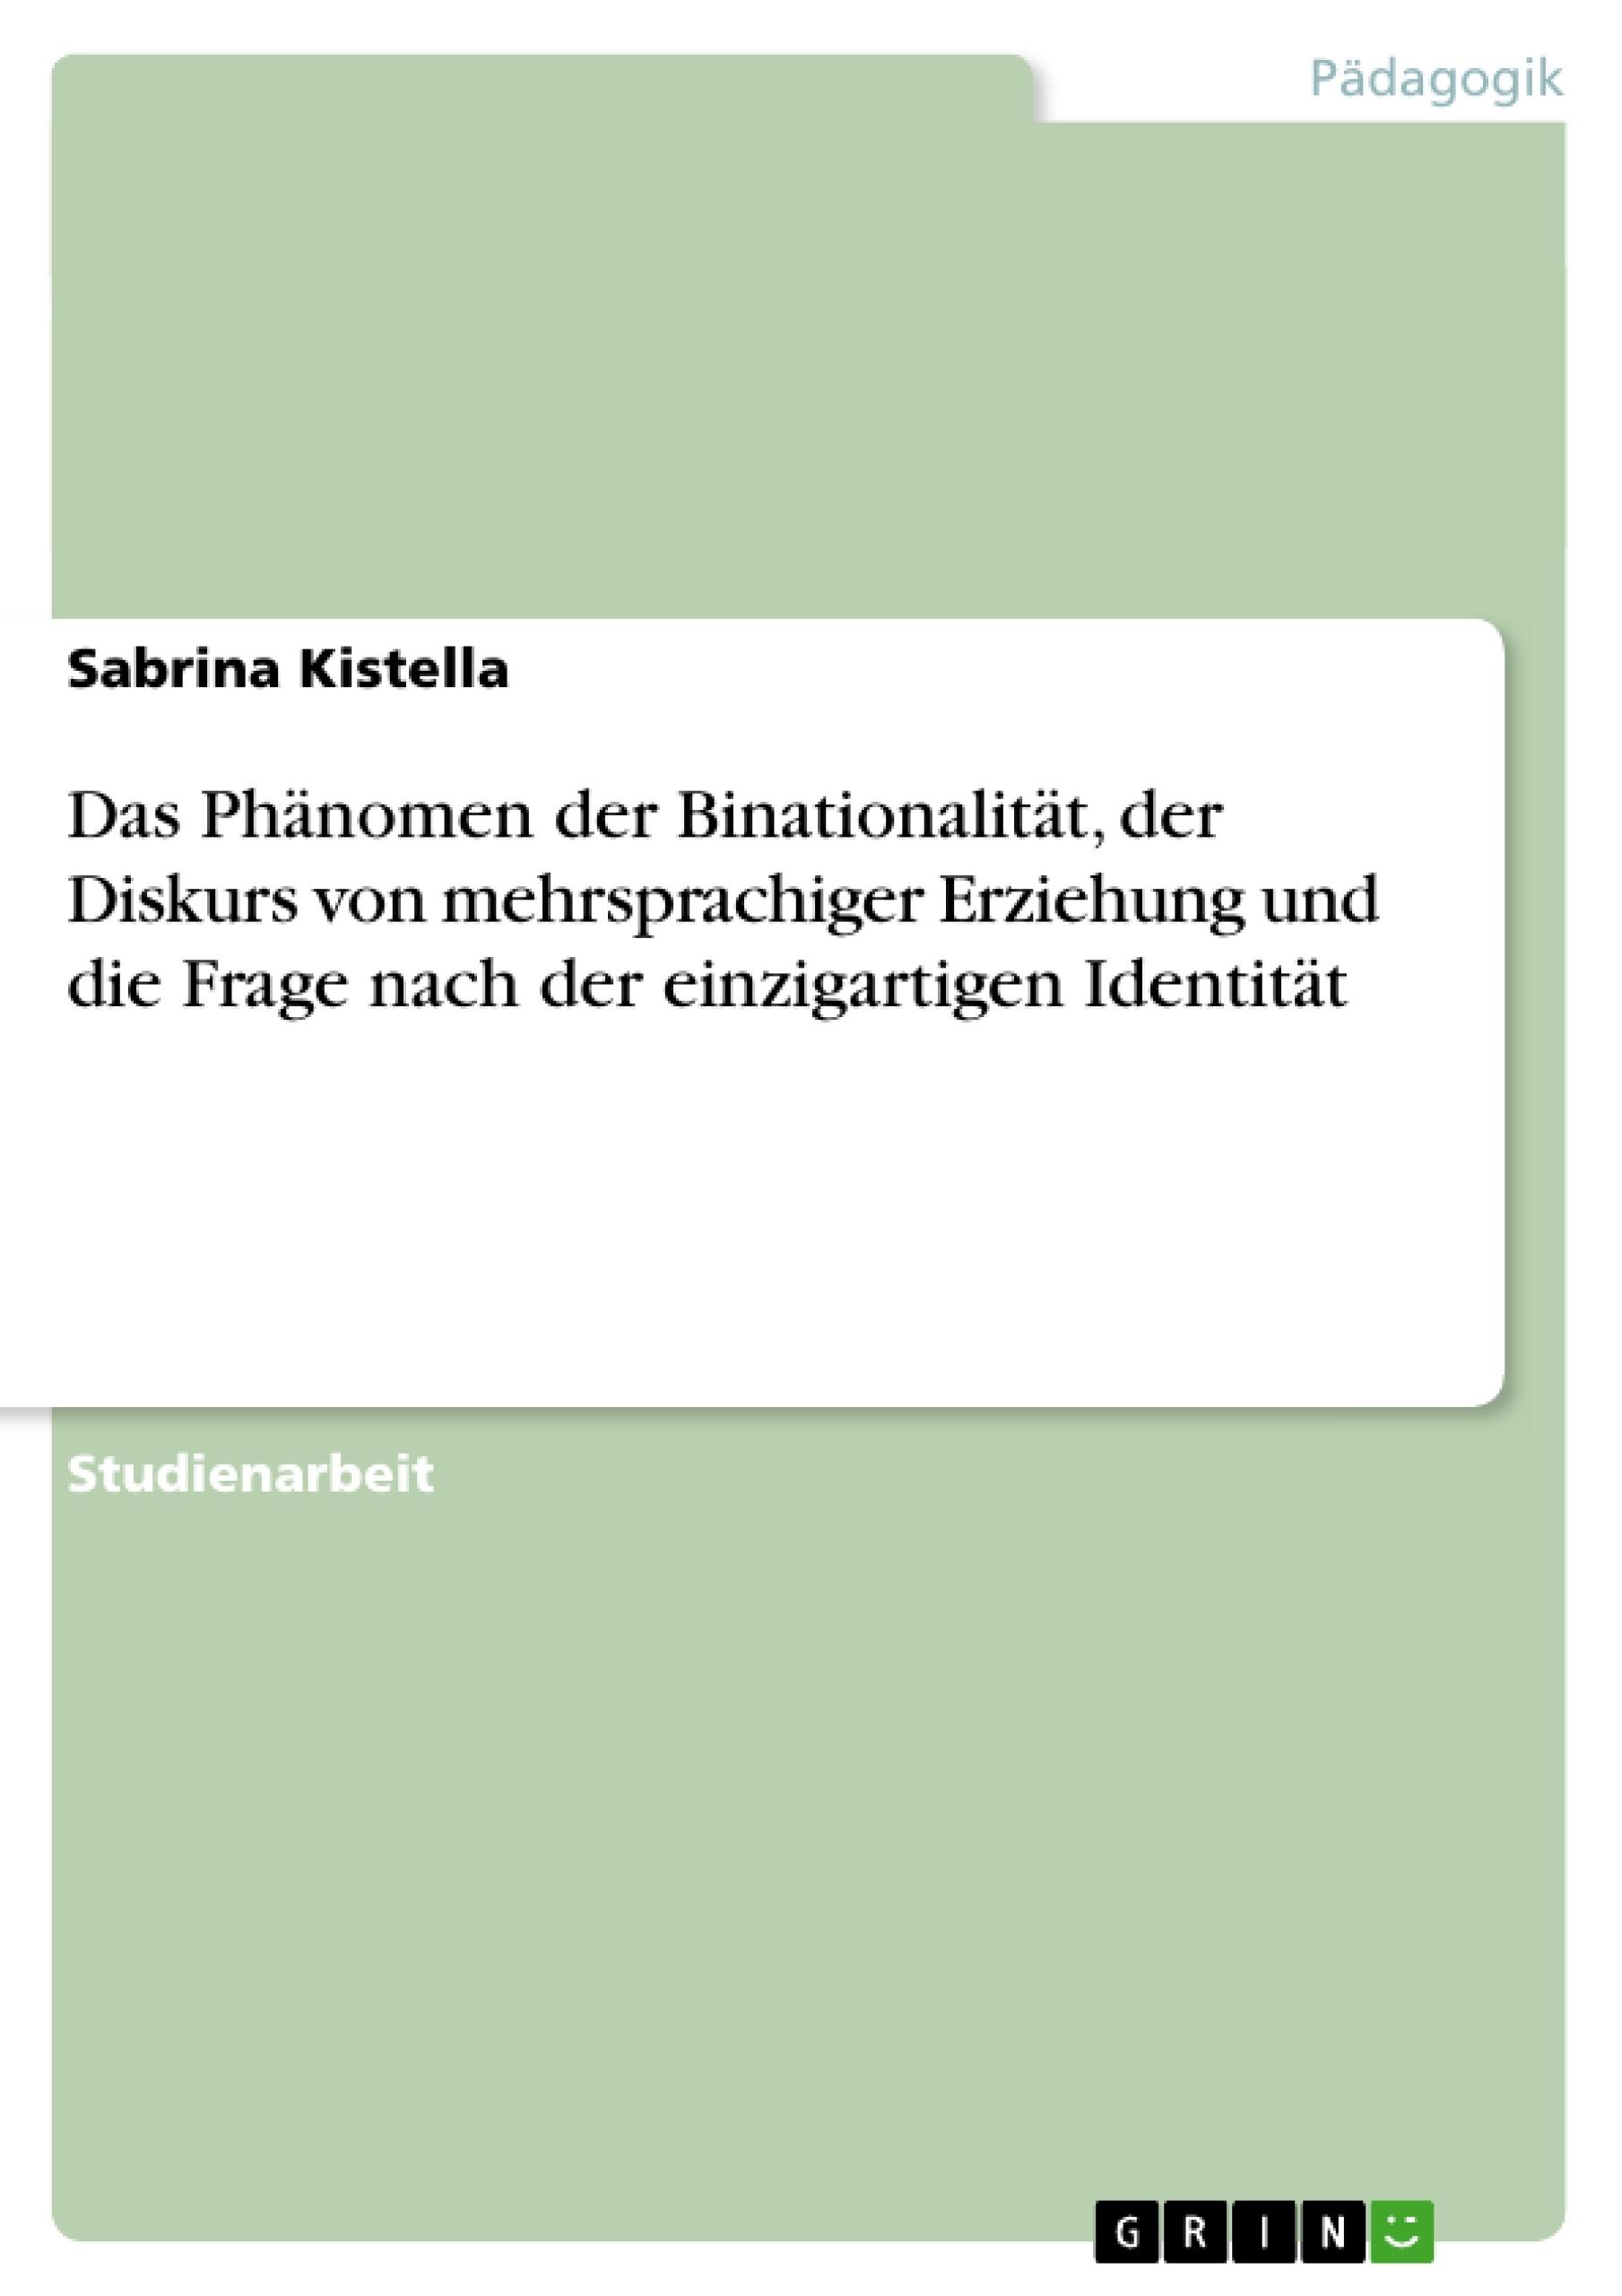 Titel: Das Phänomen der Binationalität, der Diskurs von mehrsprachiger Erziehung und die Frage nach der einzigartigen Identität